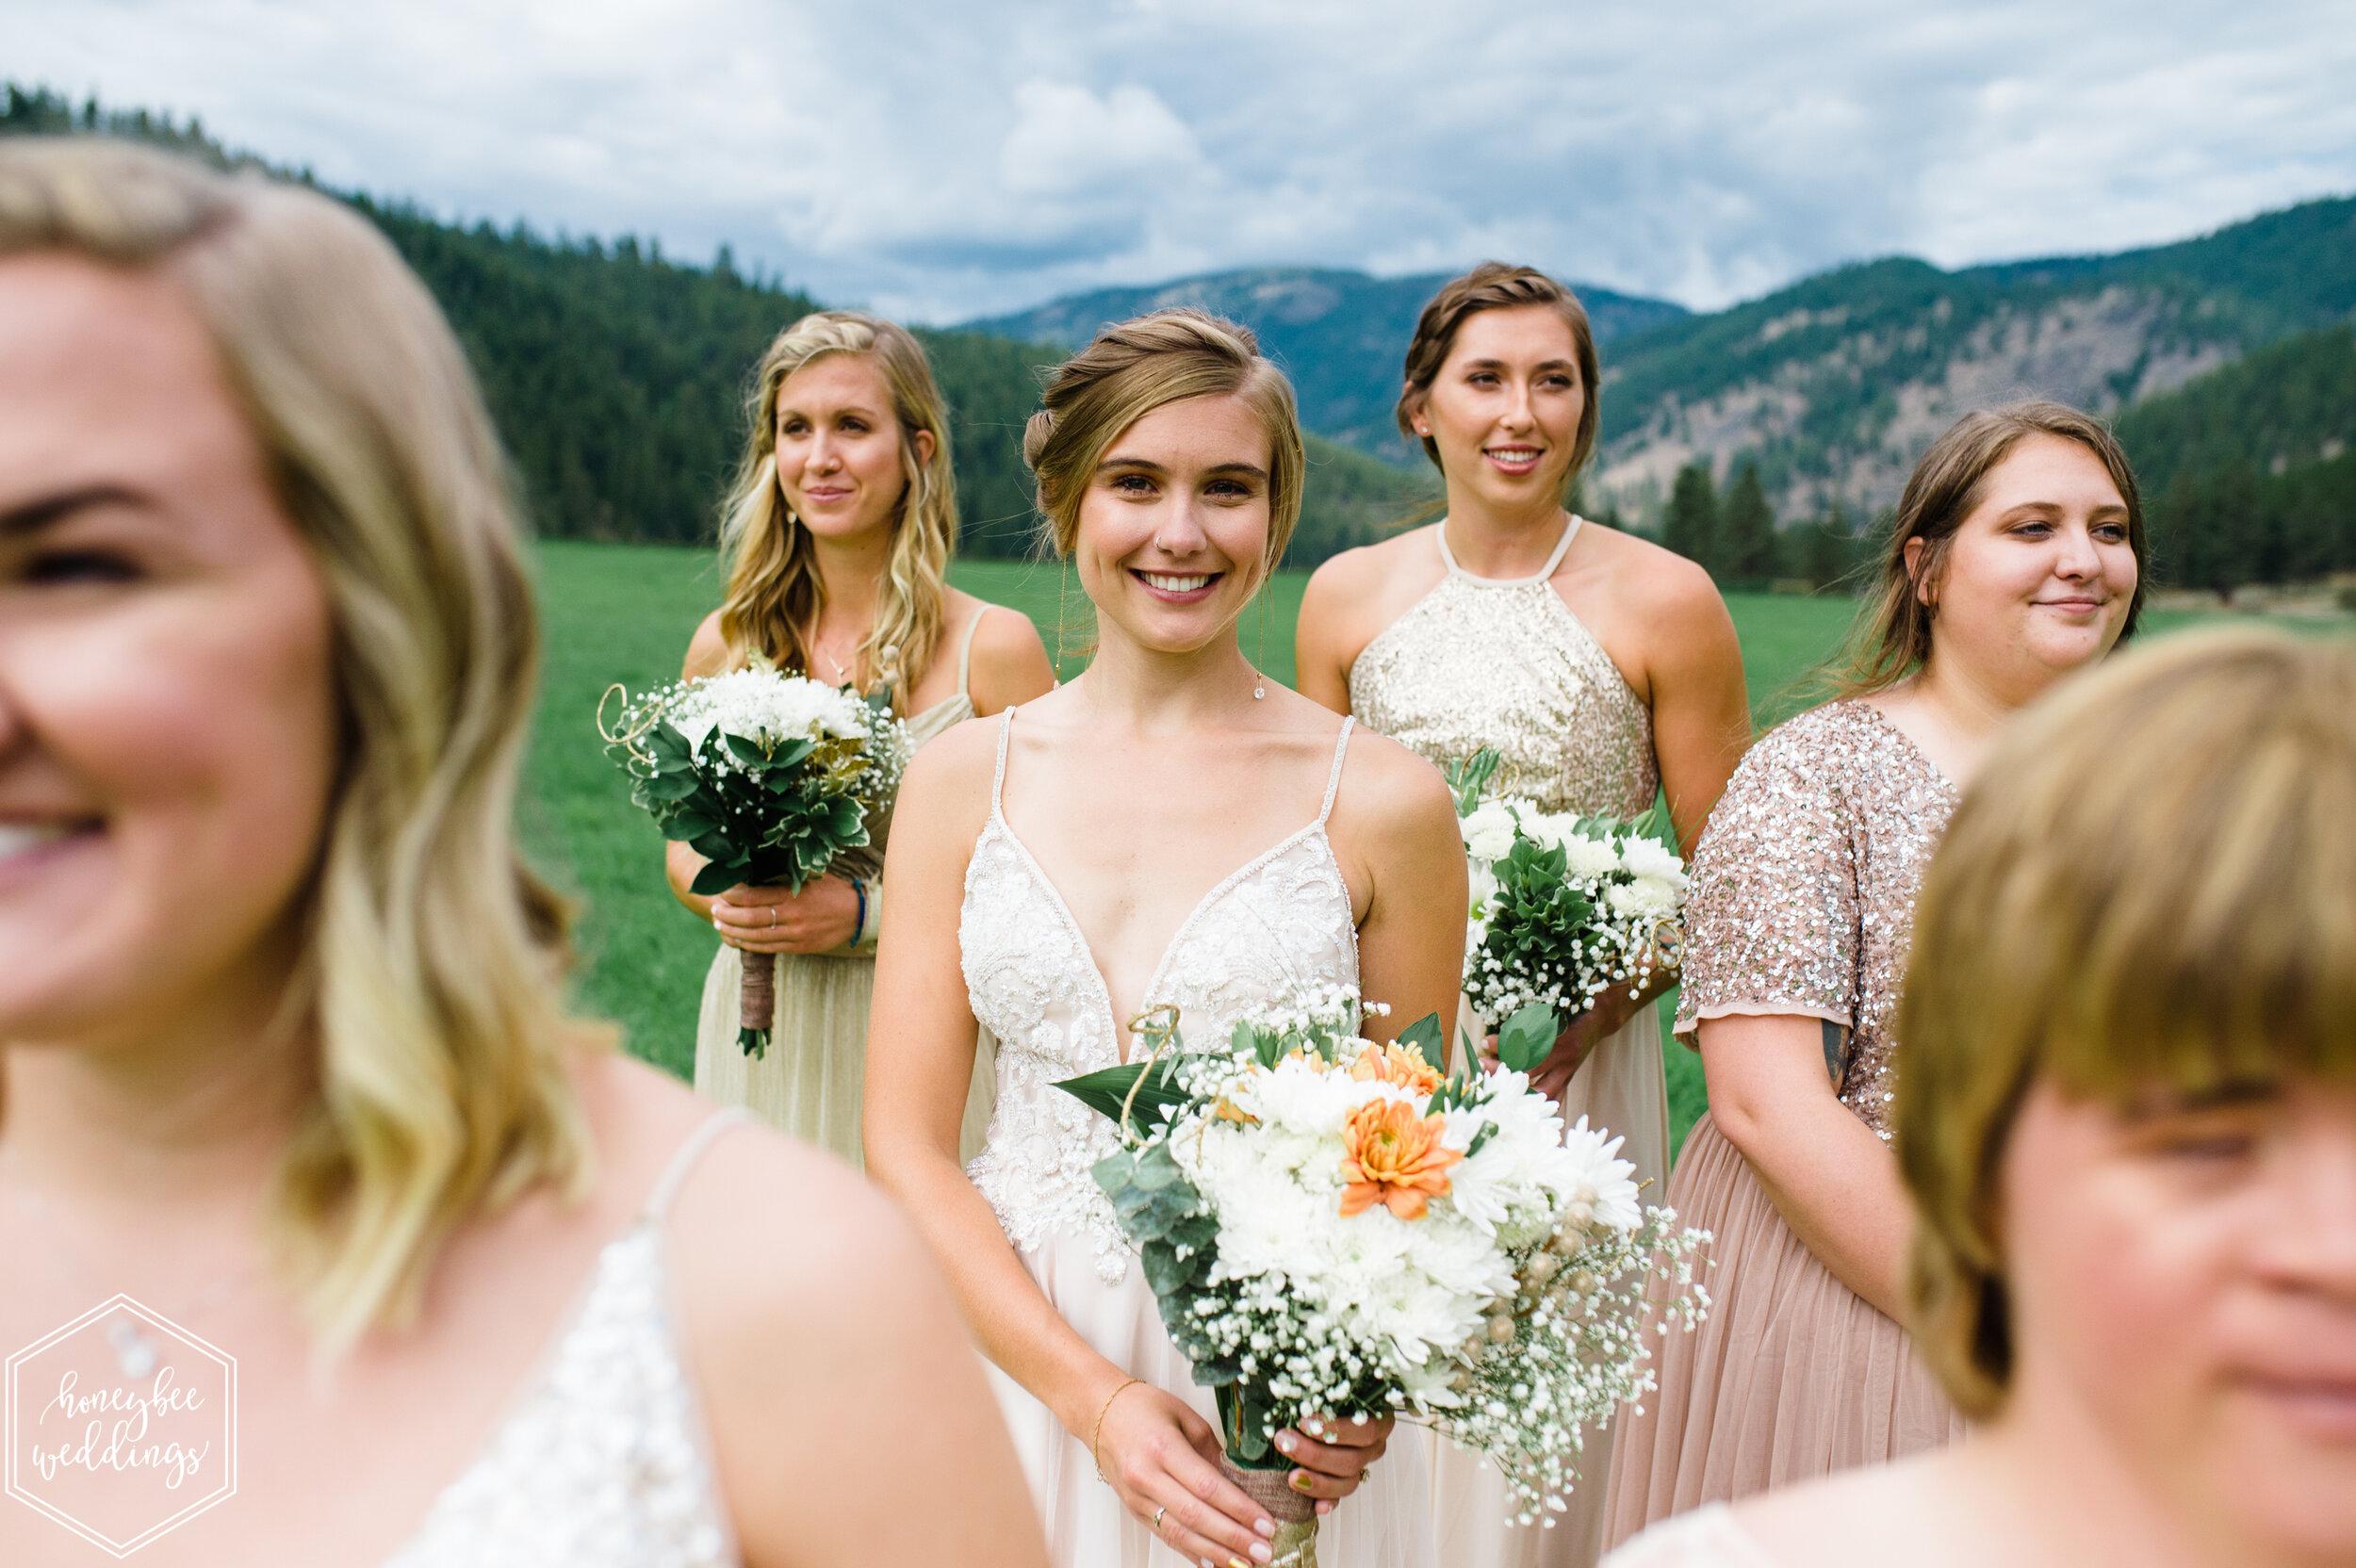 062Seven Mile Meadows Wedding_Montana Wedding Photographer_Jamie & Wes_Honeybee Weddings_September 07, 2019-1199.jpg